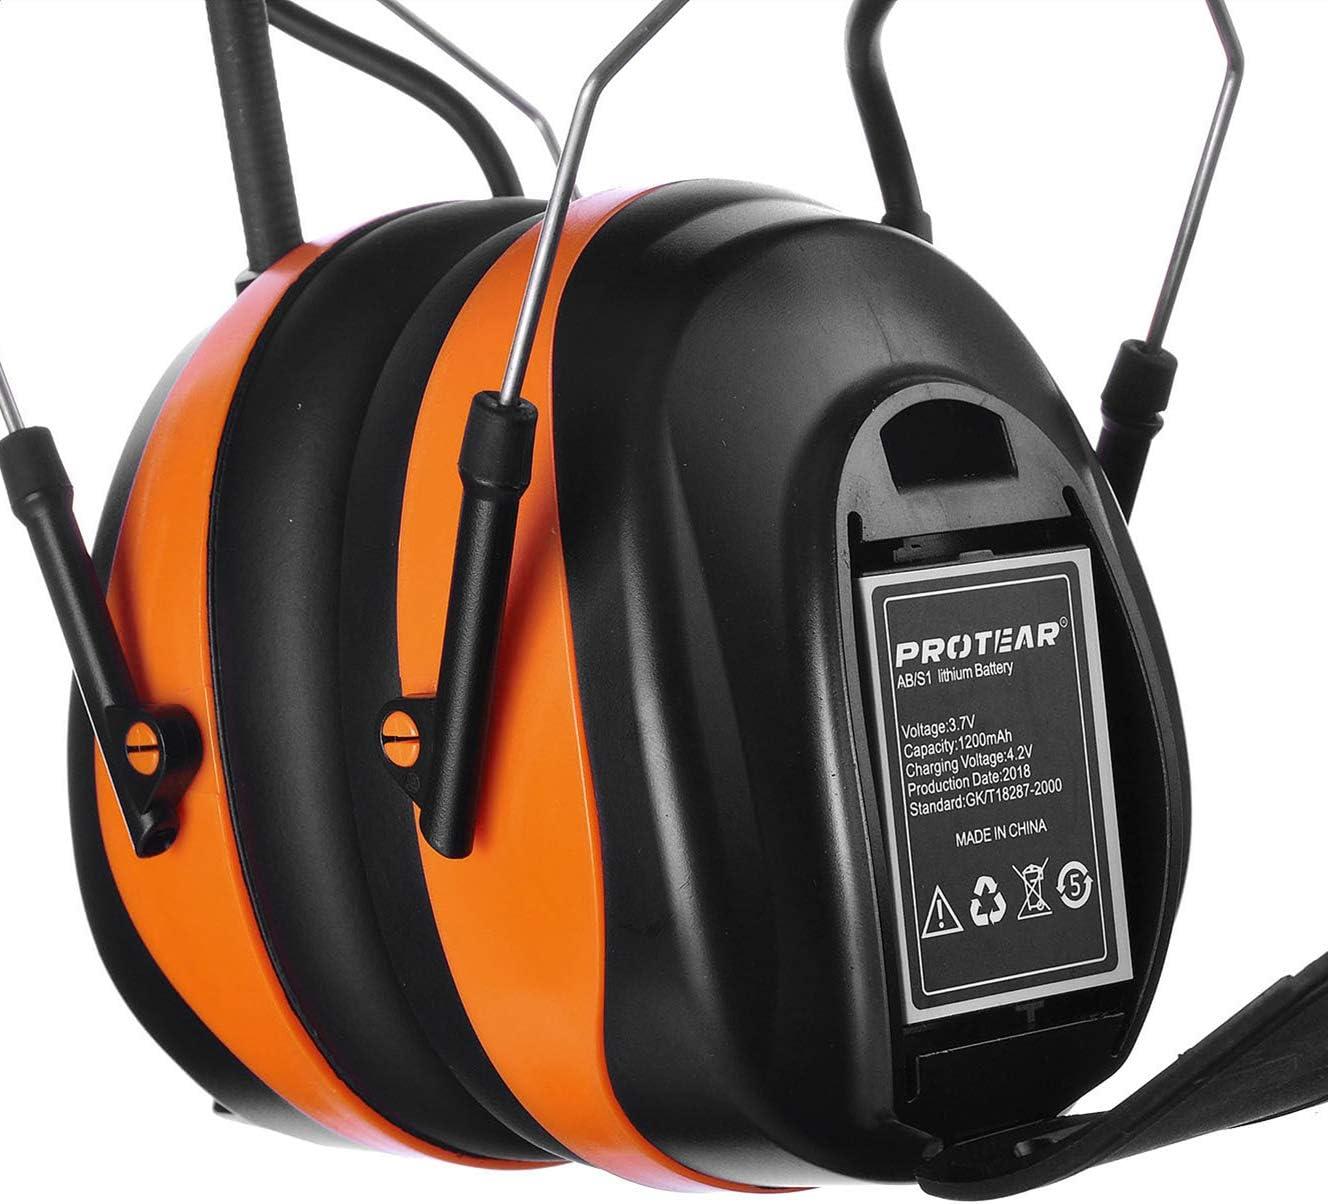 PROTEAR Auriculares de Seguridad Recargables con reducci/ón de Ruido electr/ónico SNR de 30 dB para cortac/ésped y cortac/ésped